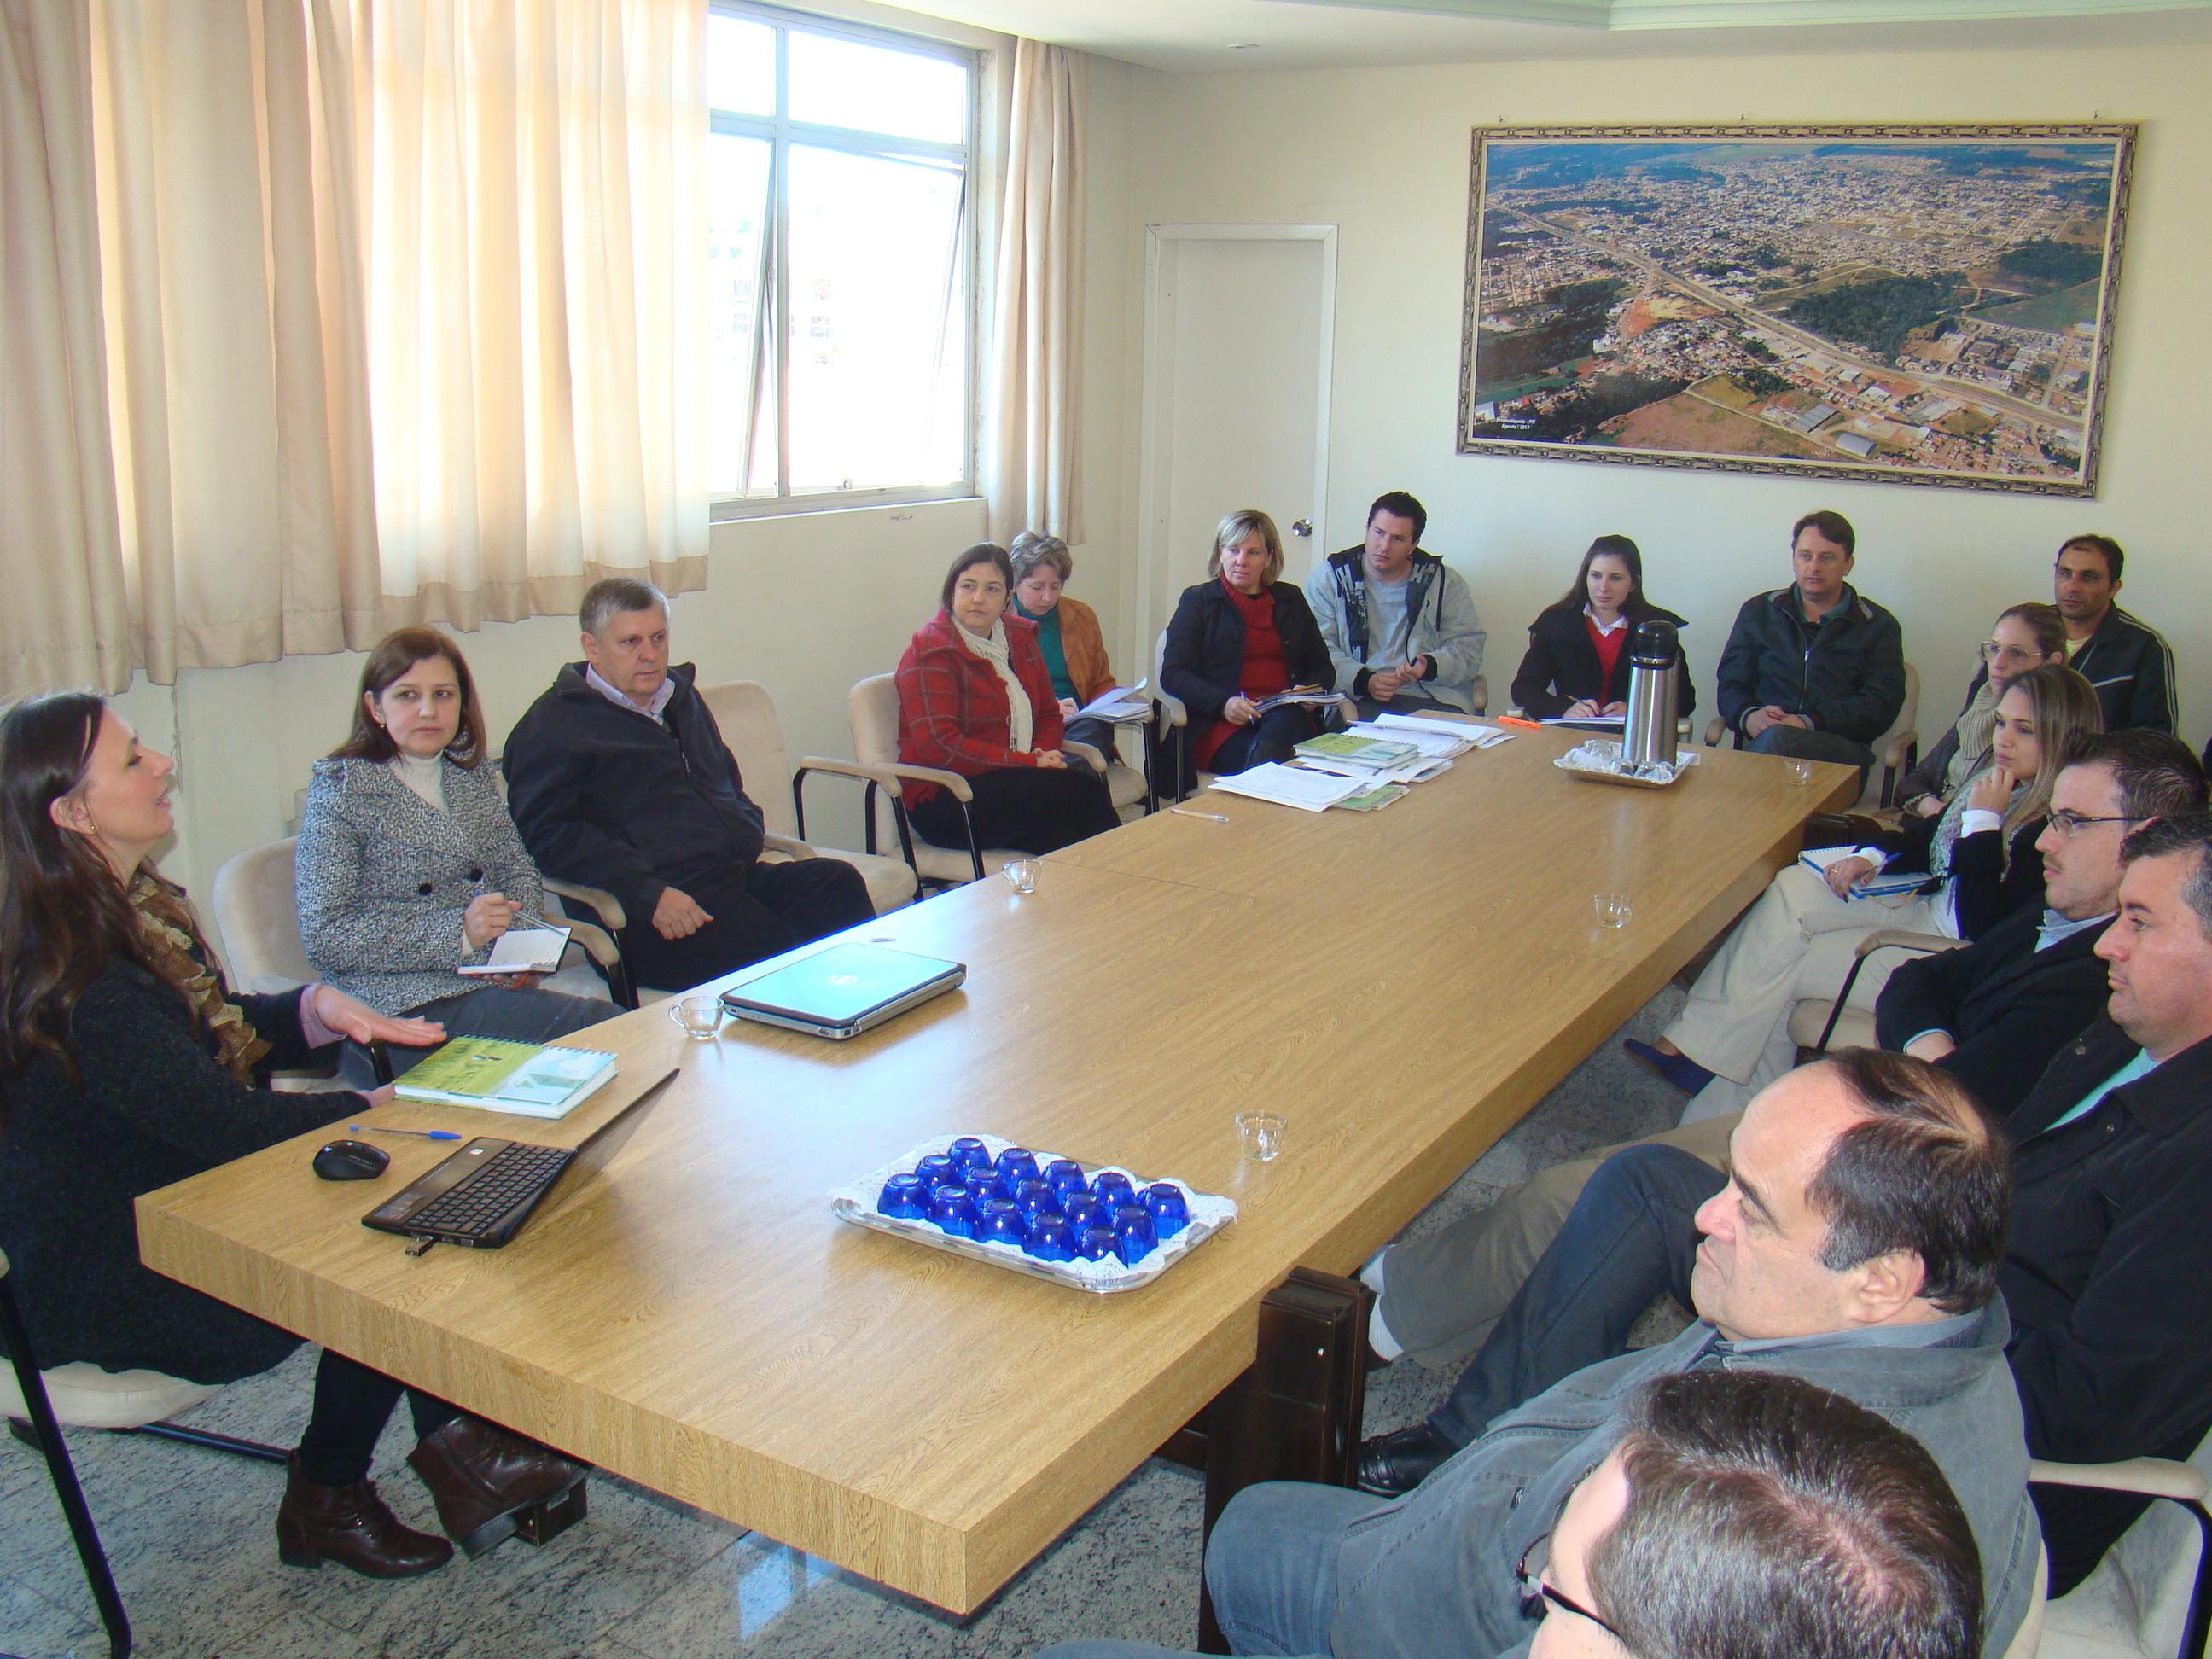 Integrantes do Comit� Gestor participam da primeira reuni�o para definir metas futuras de a��es